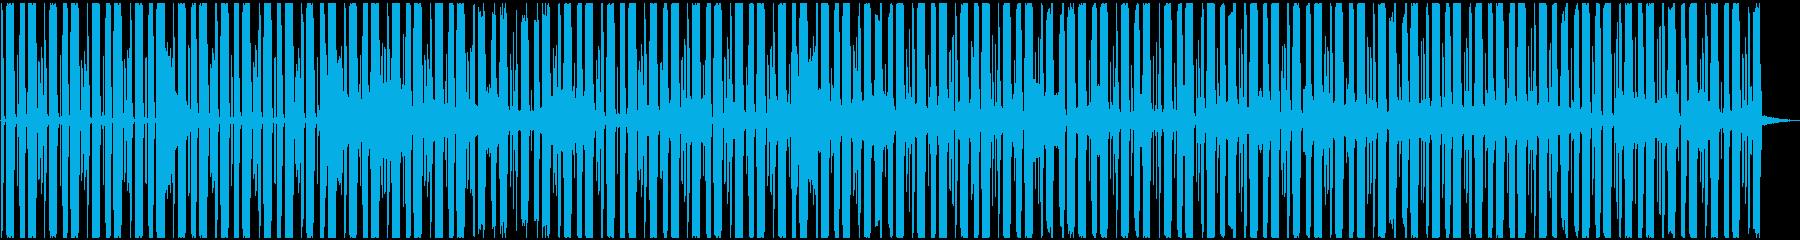 ポップ テクノ 二 ステップ ガレ...の再生済みの波形